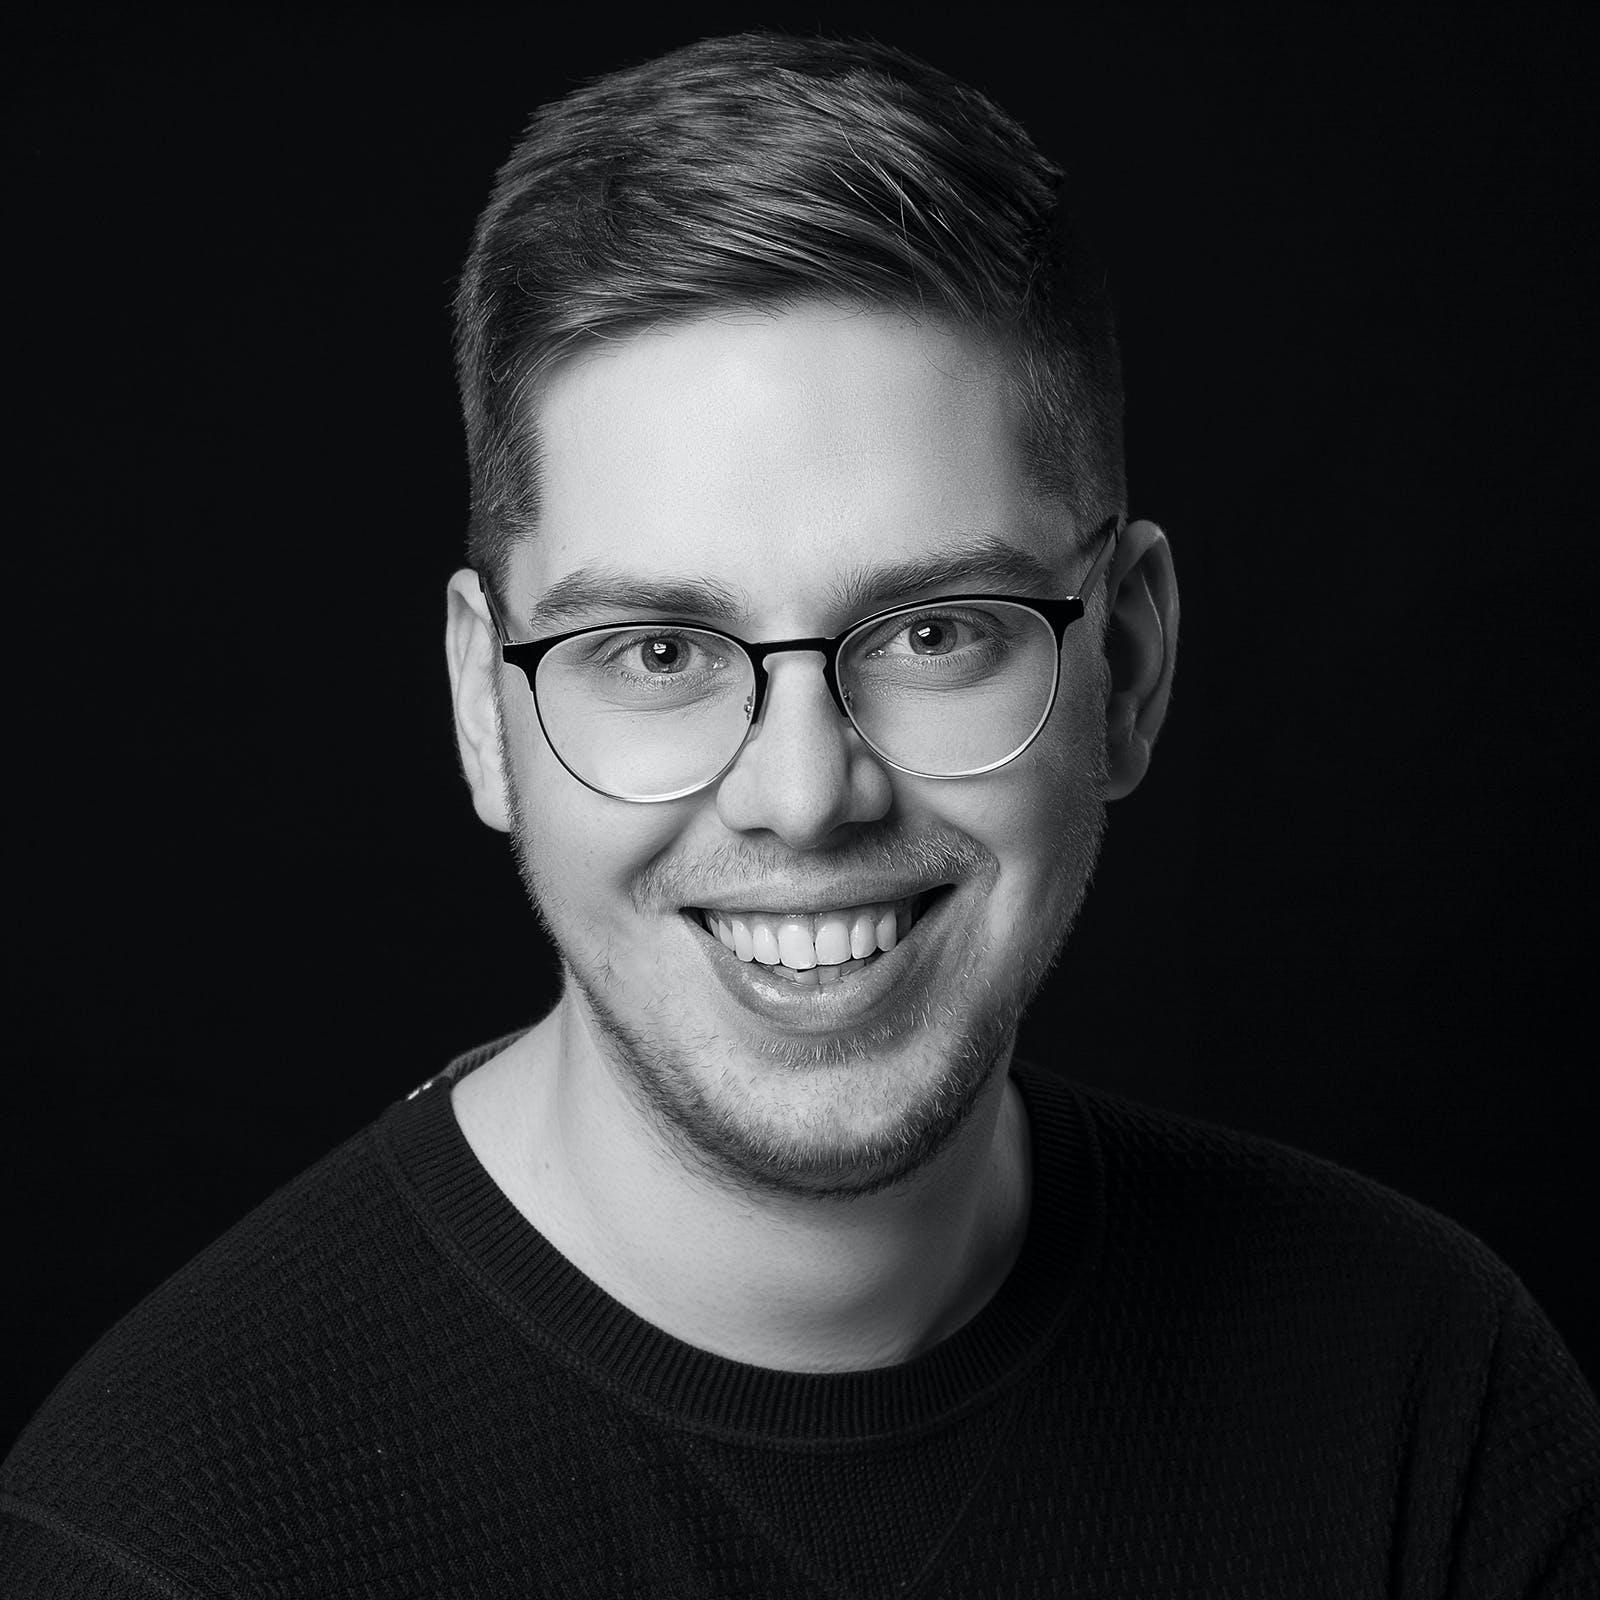 Framkvæmdastjóri Rafmyntaráðs